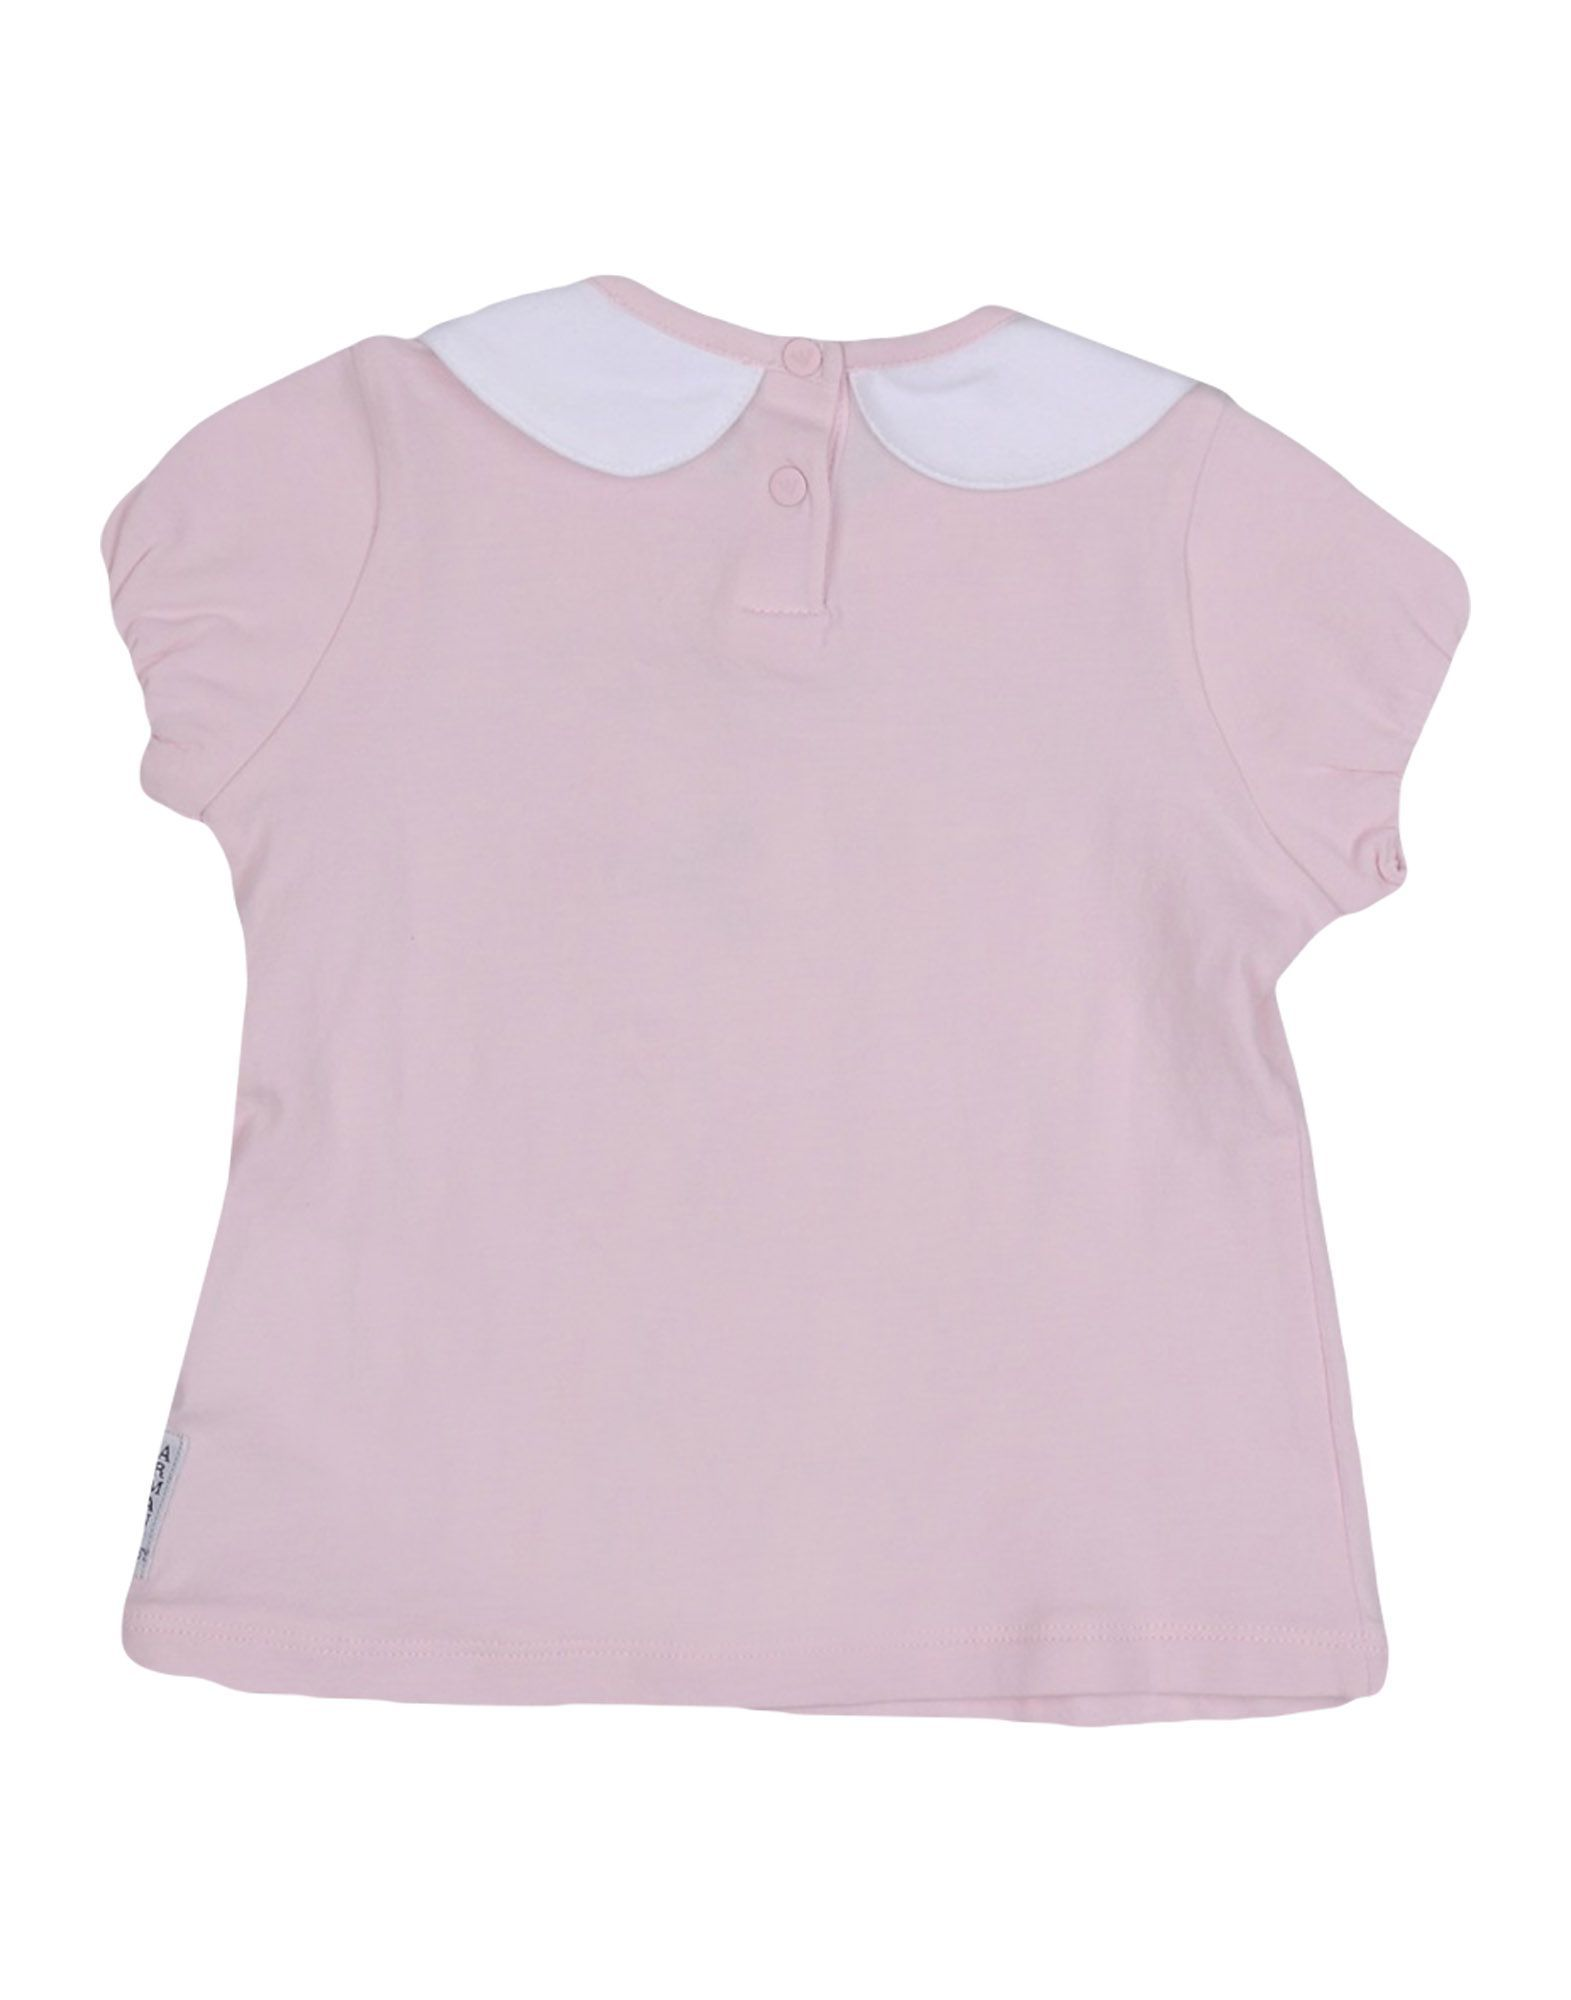 TOPWEAR Armani Junior White Girl Cotton